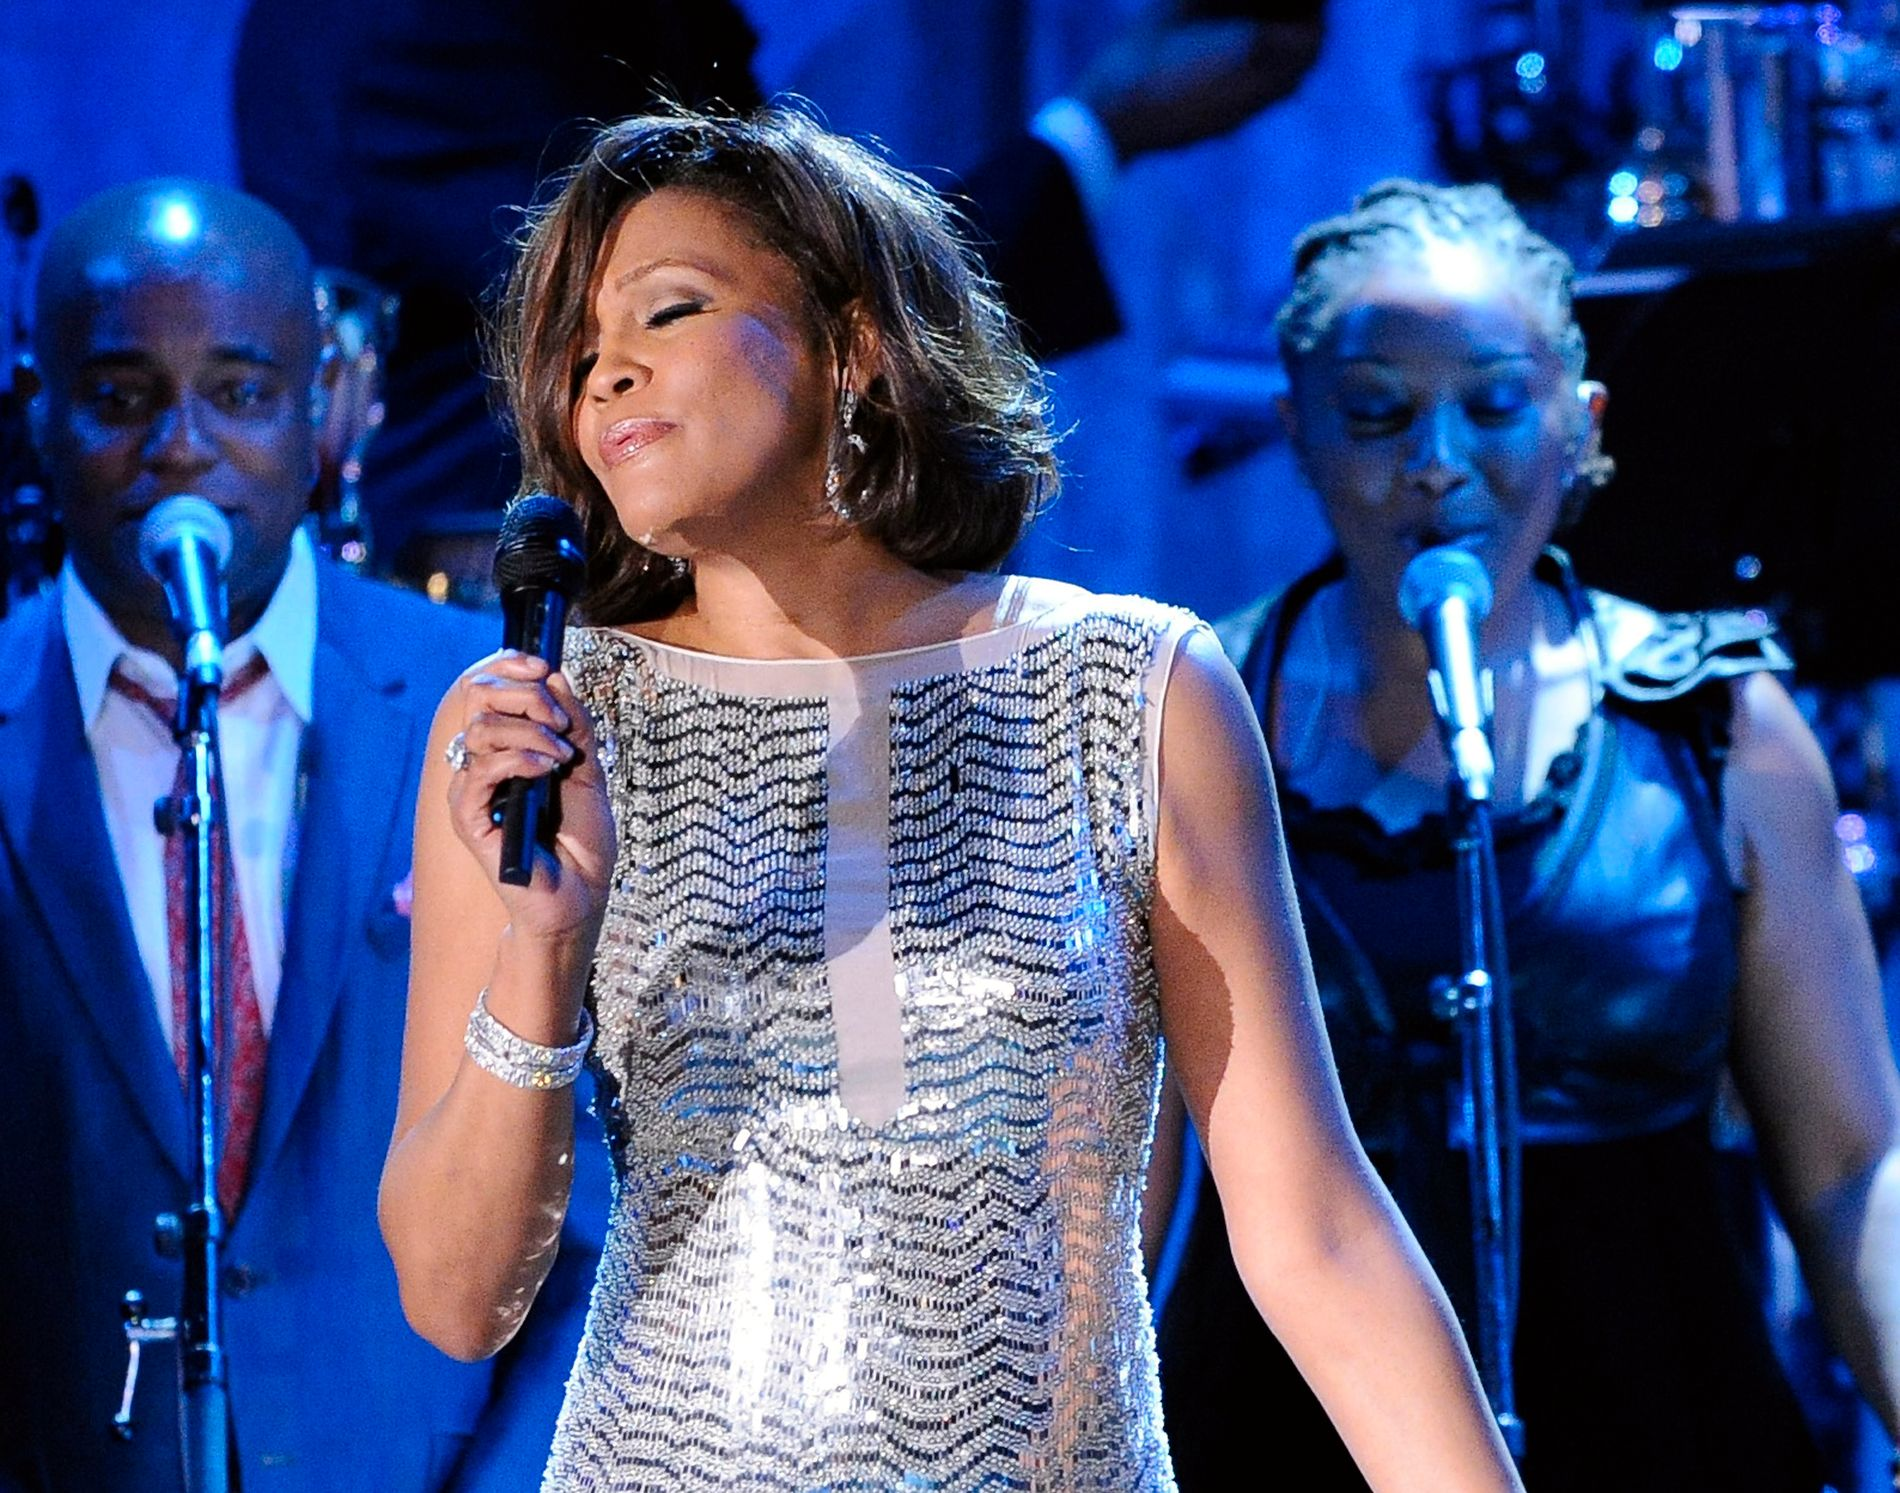 OPPSIKTSVEKKENDE OPPLYSNINGER: Whitney Houston, her fra en konsert i 2011, skal ha blitt misbrukt som barn, ifølge en ny dokumentar som ble vist i Cannes torsdag. Foto: AP / NTB scanpix